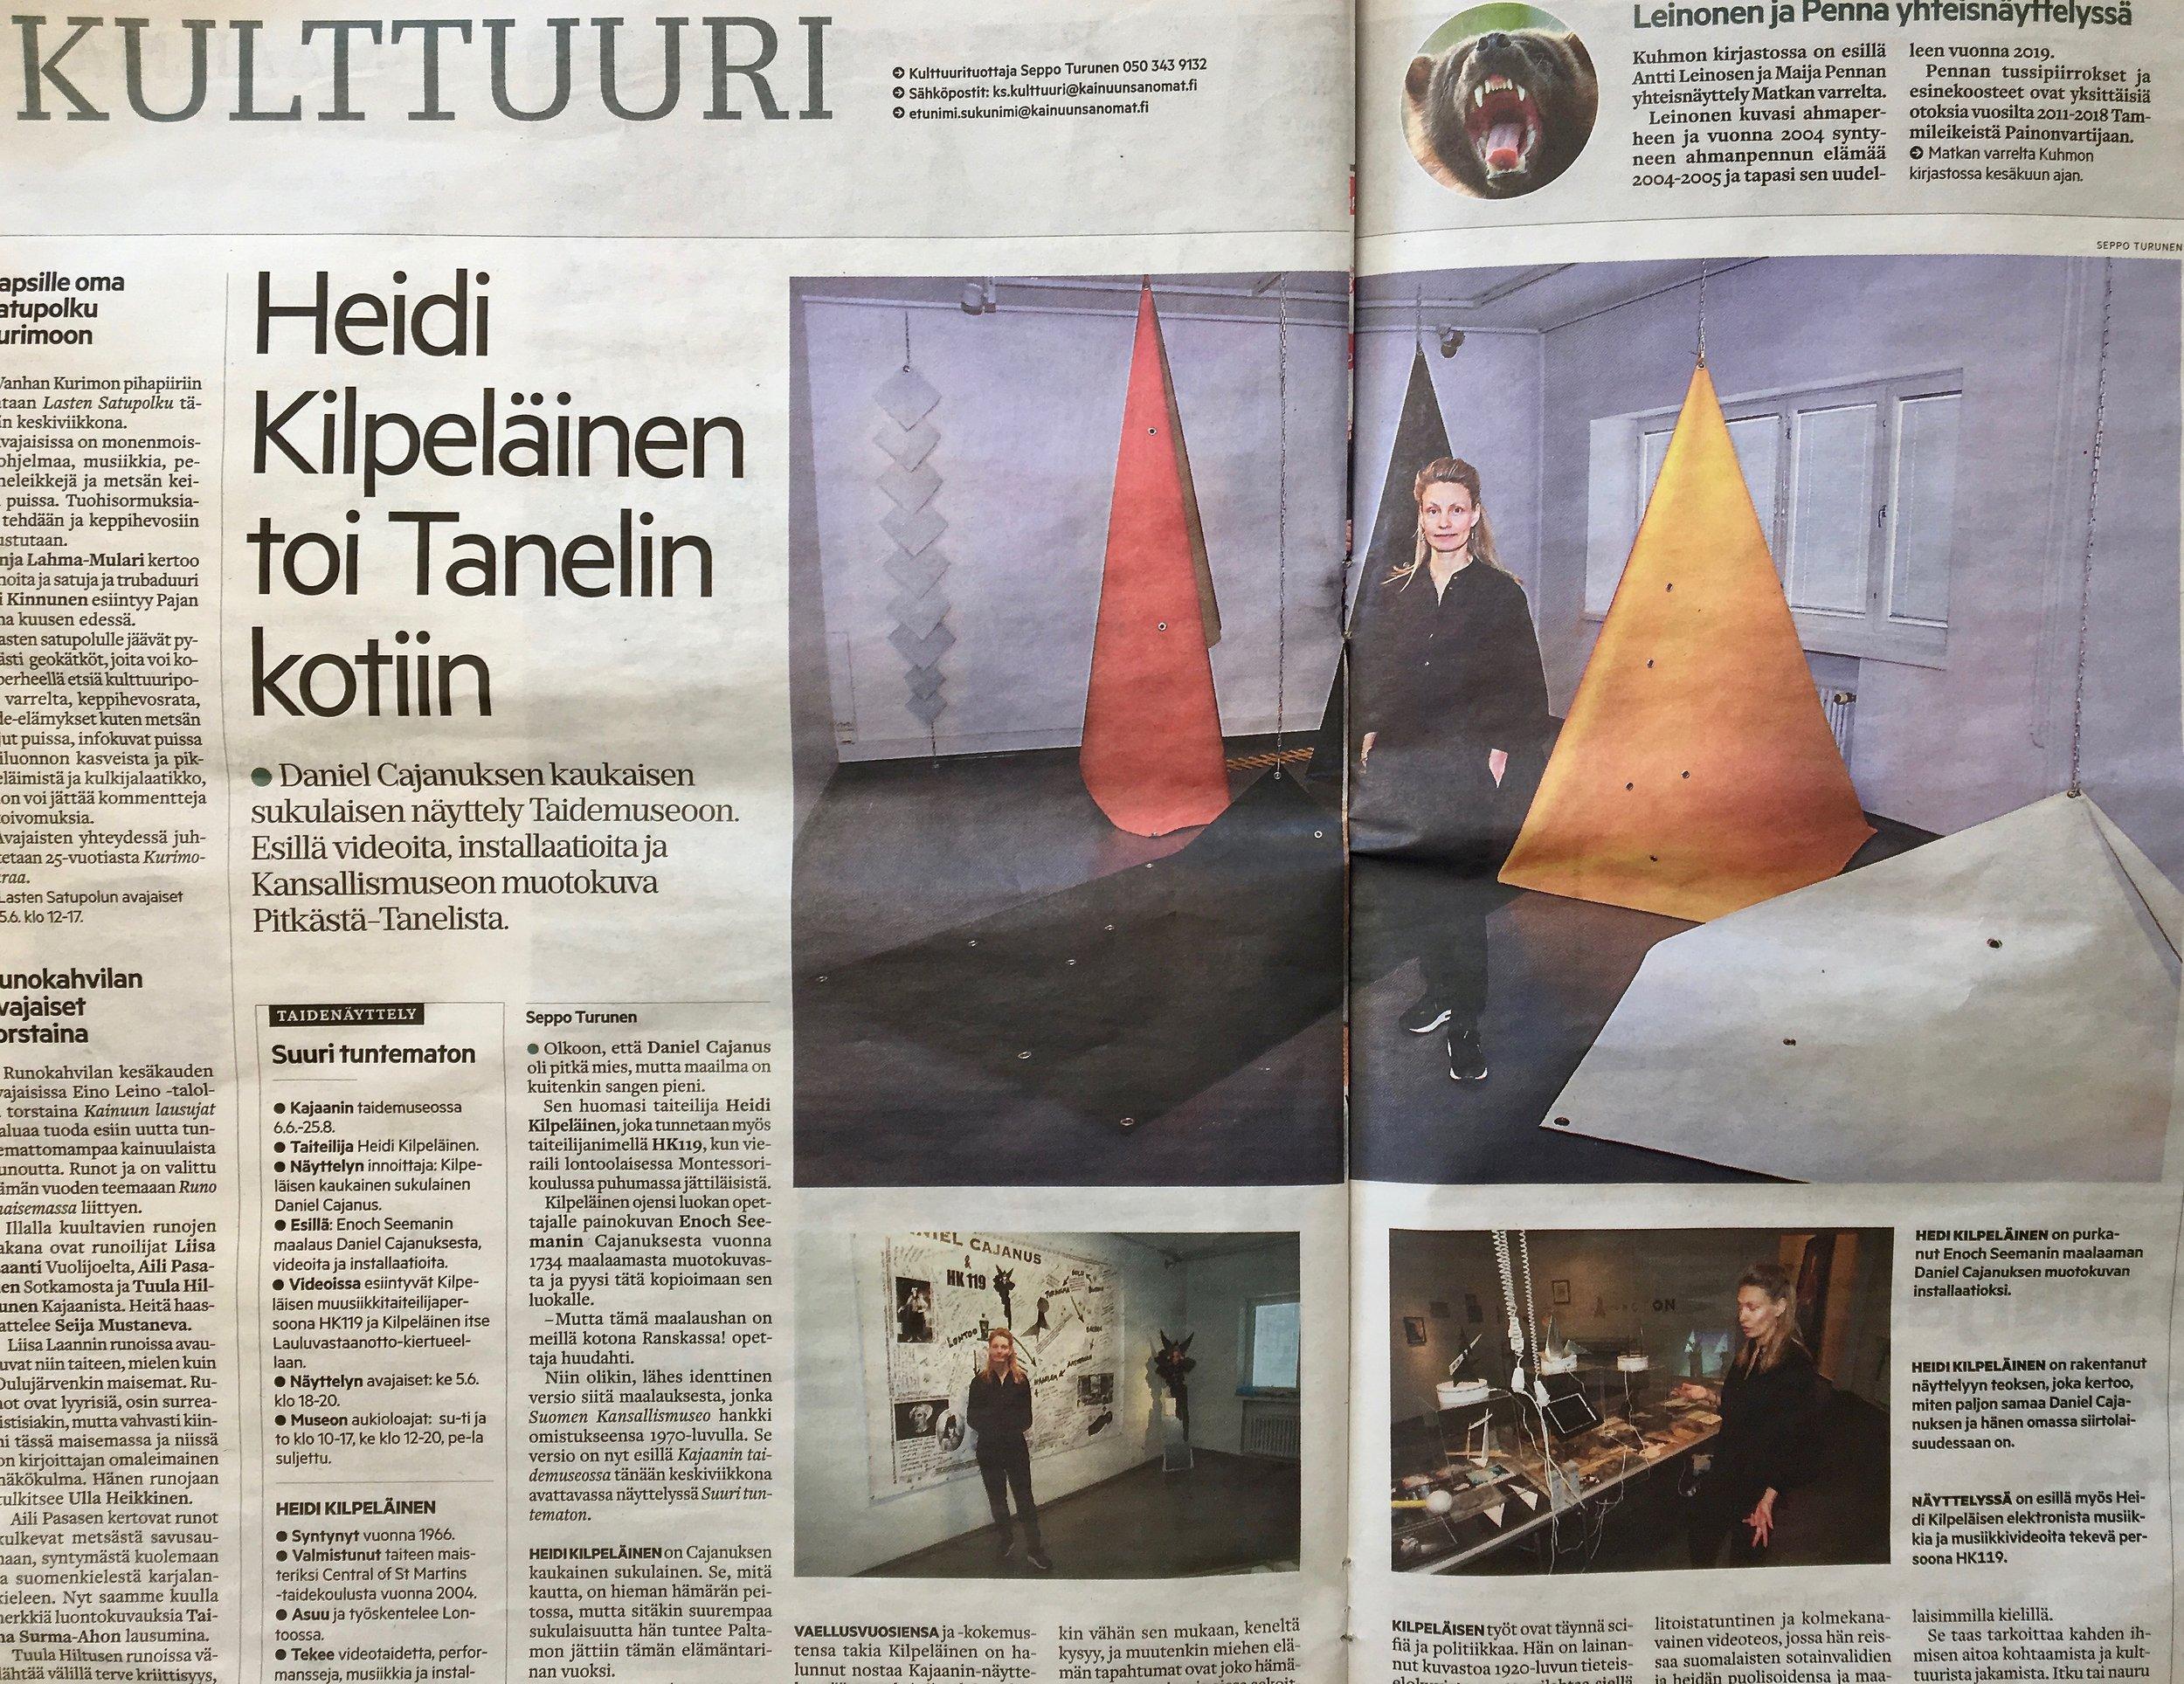 Kainuun Sanomat: Heidi Kilpeläinen toi Pitkän-Tanelin kotiin Enoch Seemanin tauluna ja omana installaationaan